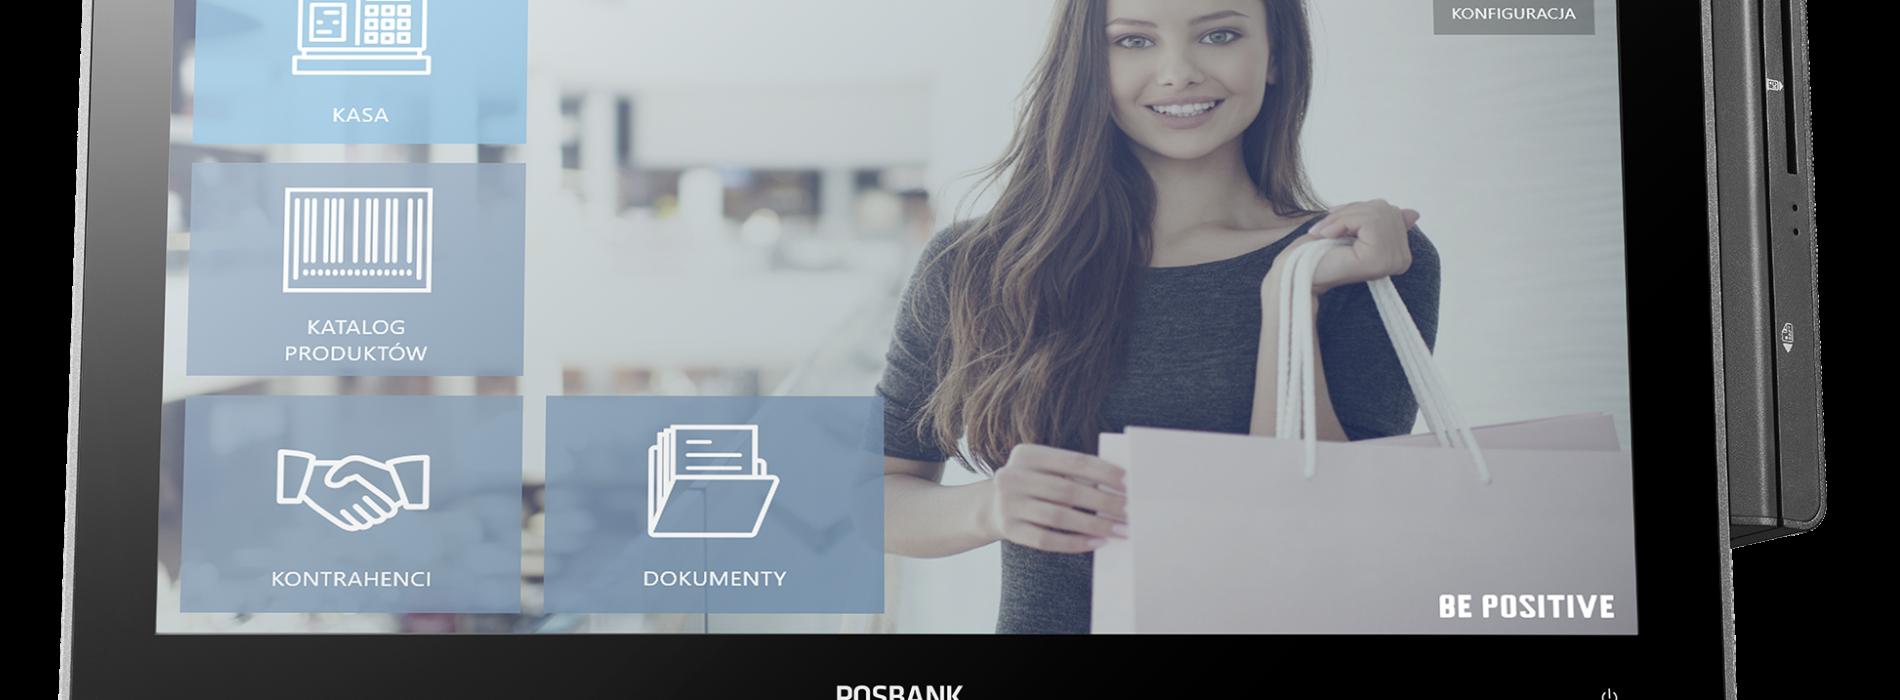 Konsument 2.0. Realne wyjście naprzeciw potrzebom klientów